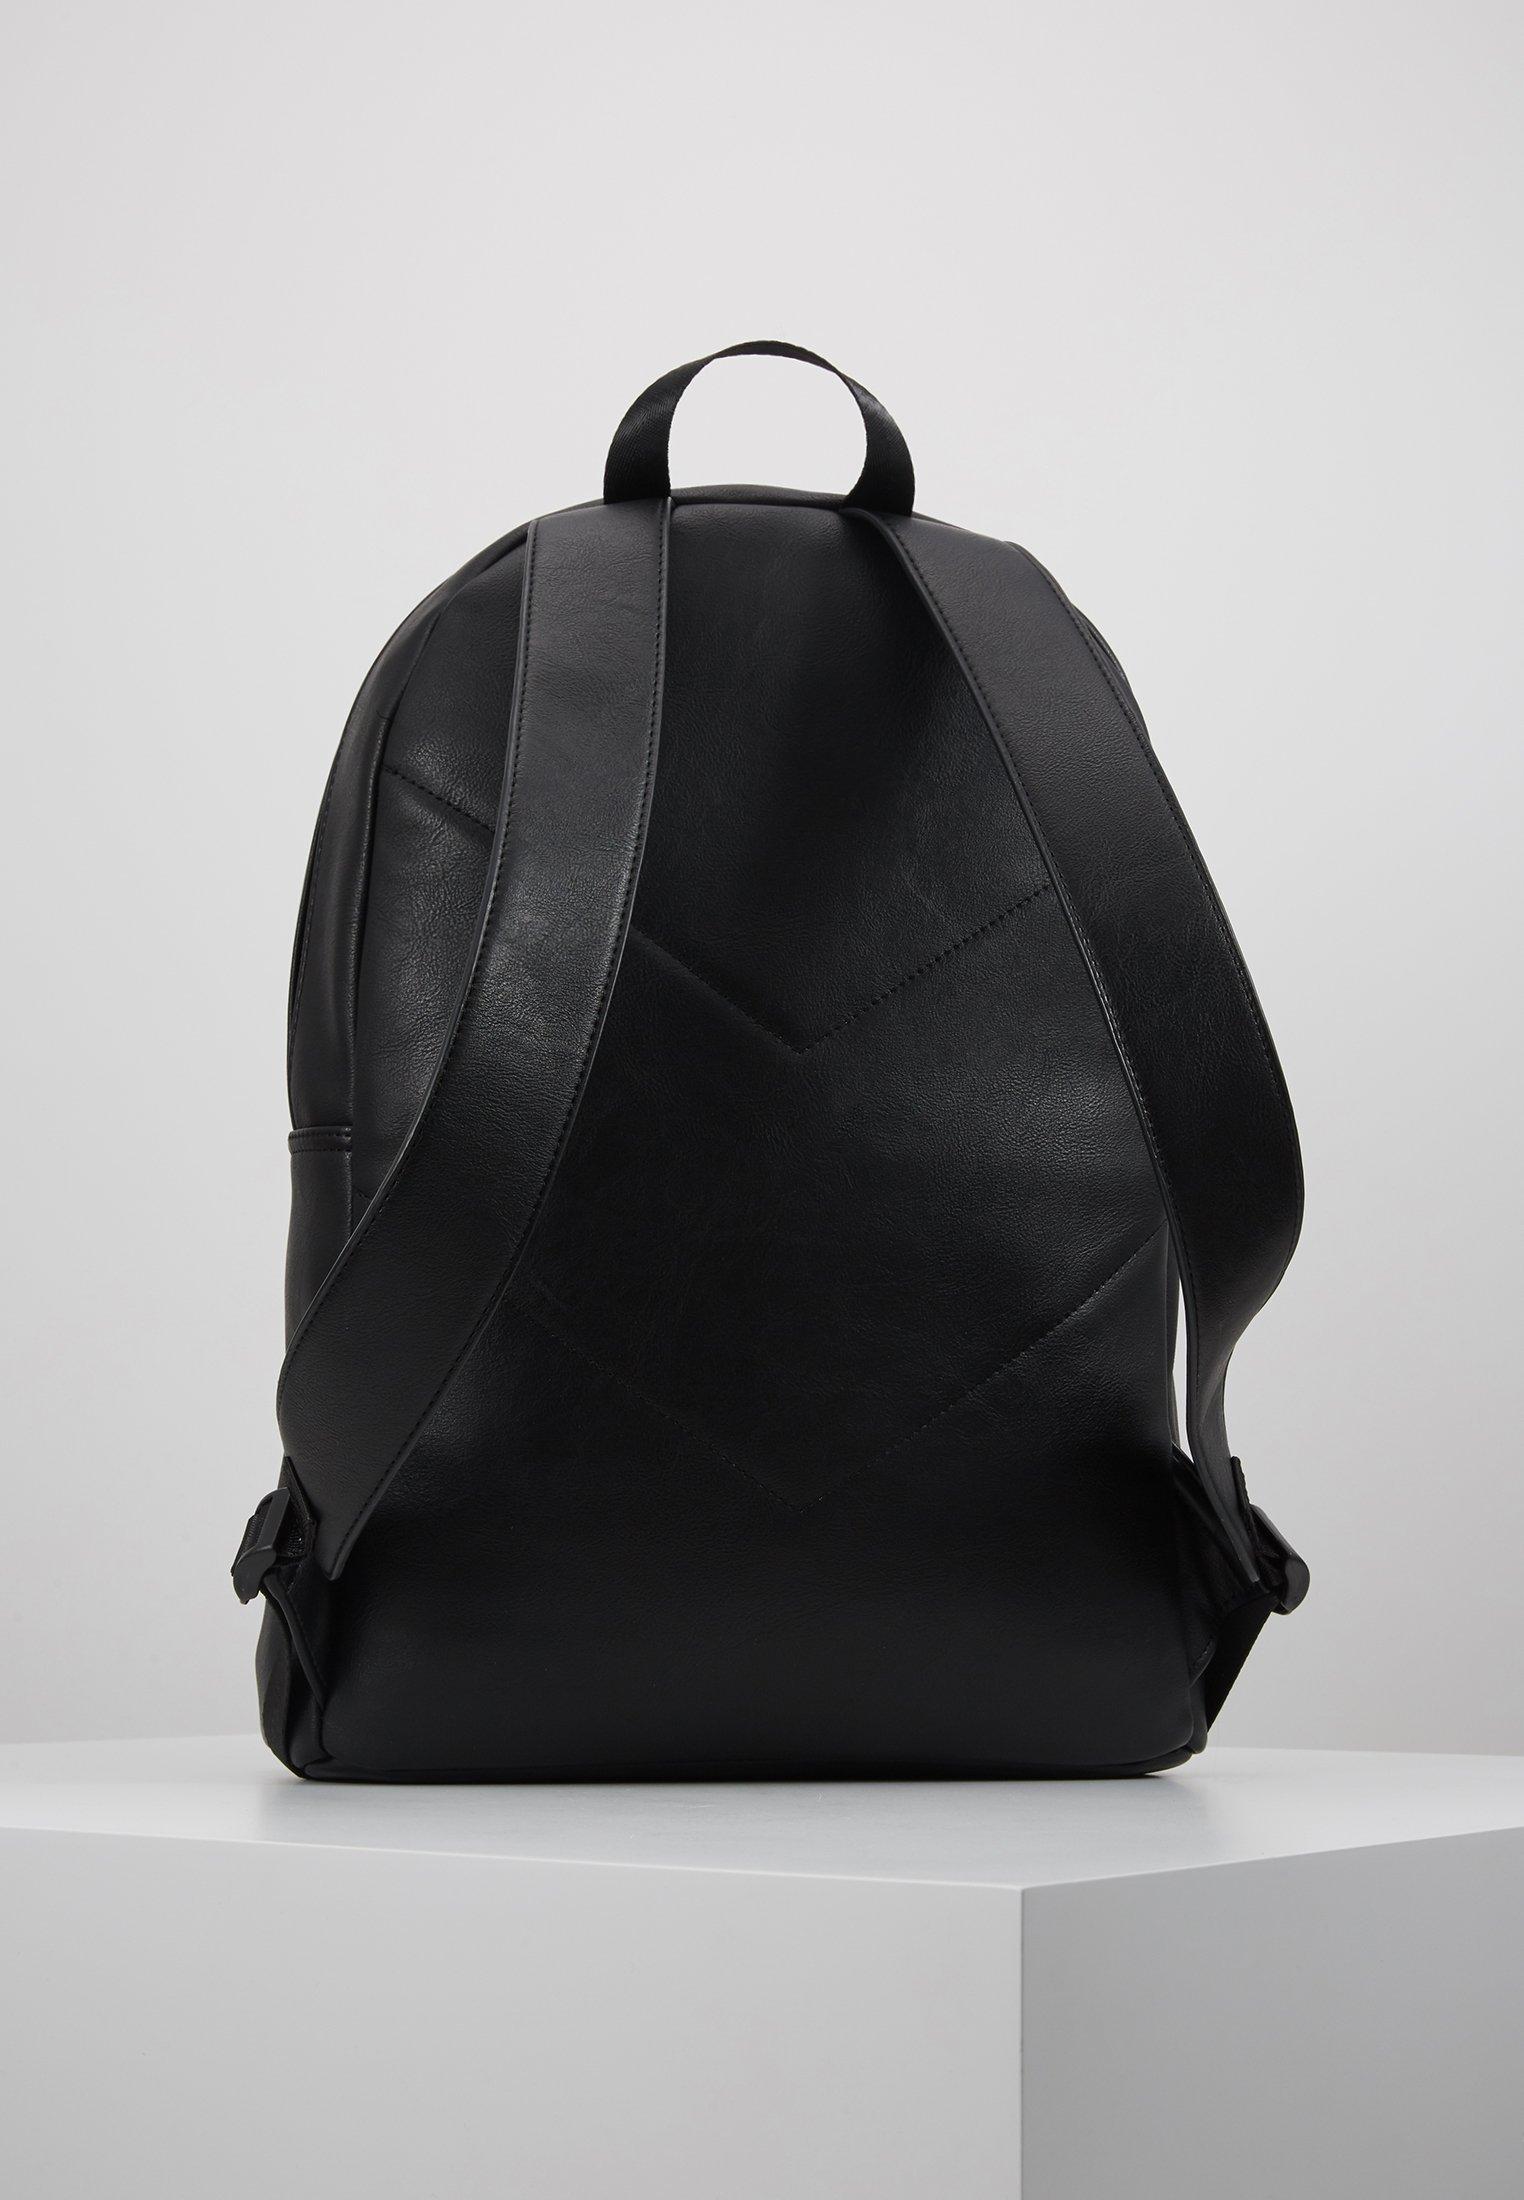 Pier One Tagesrucksack - black/schwarz - Herrentaschen t15ia